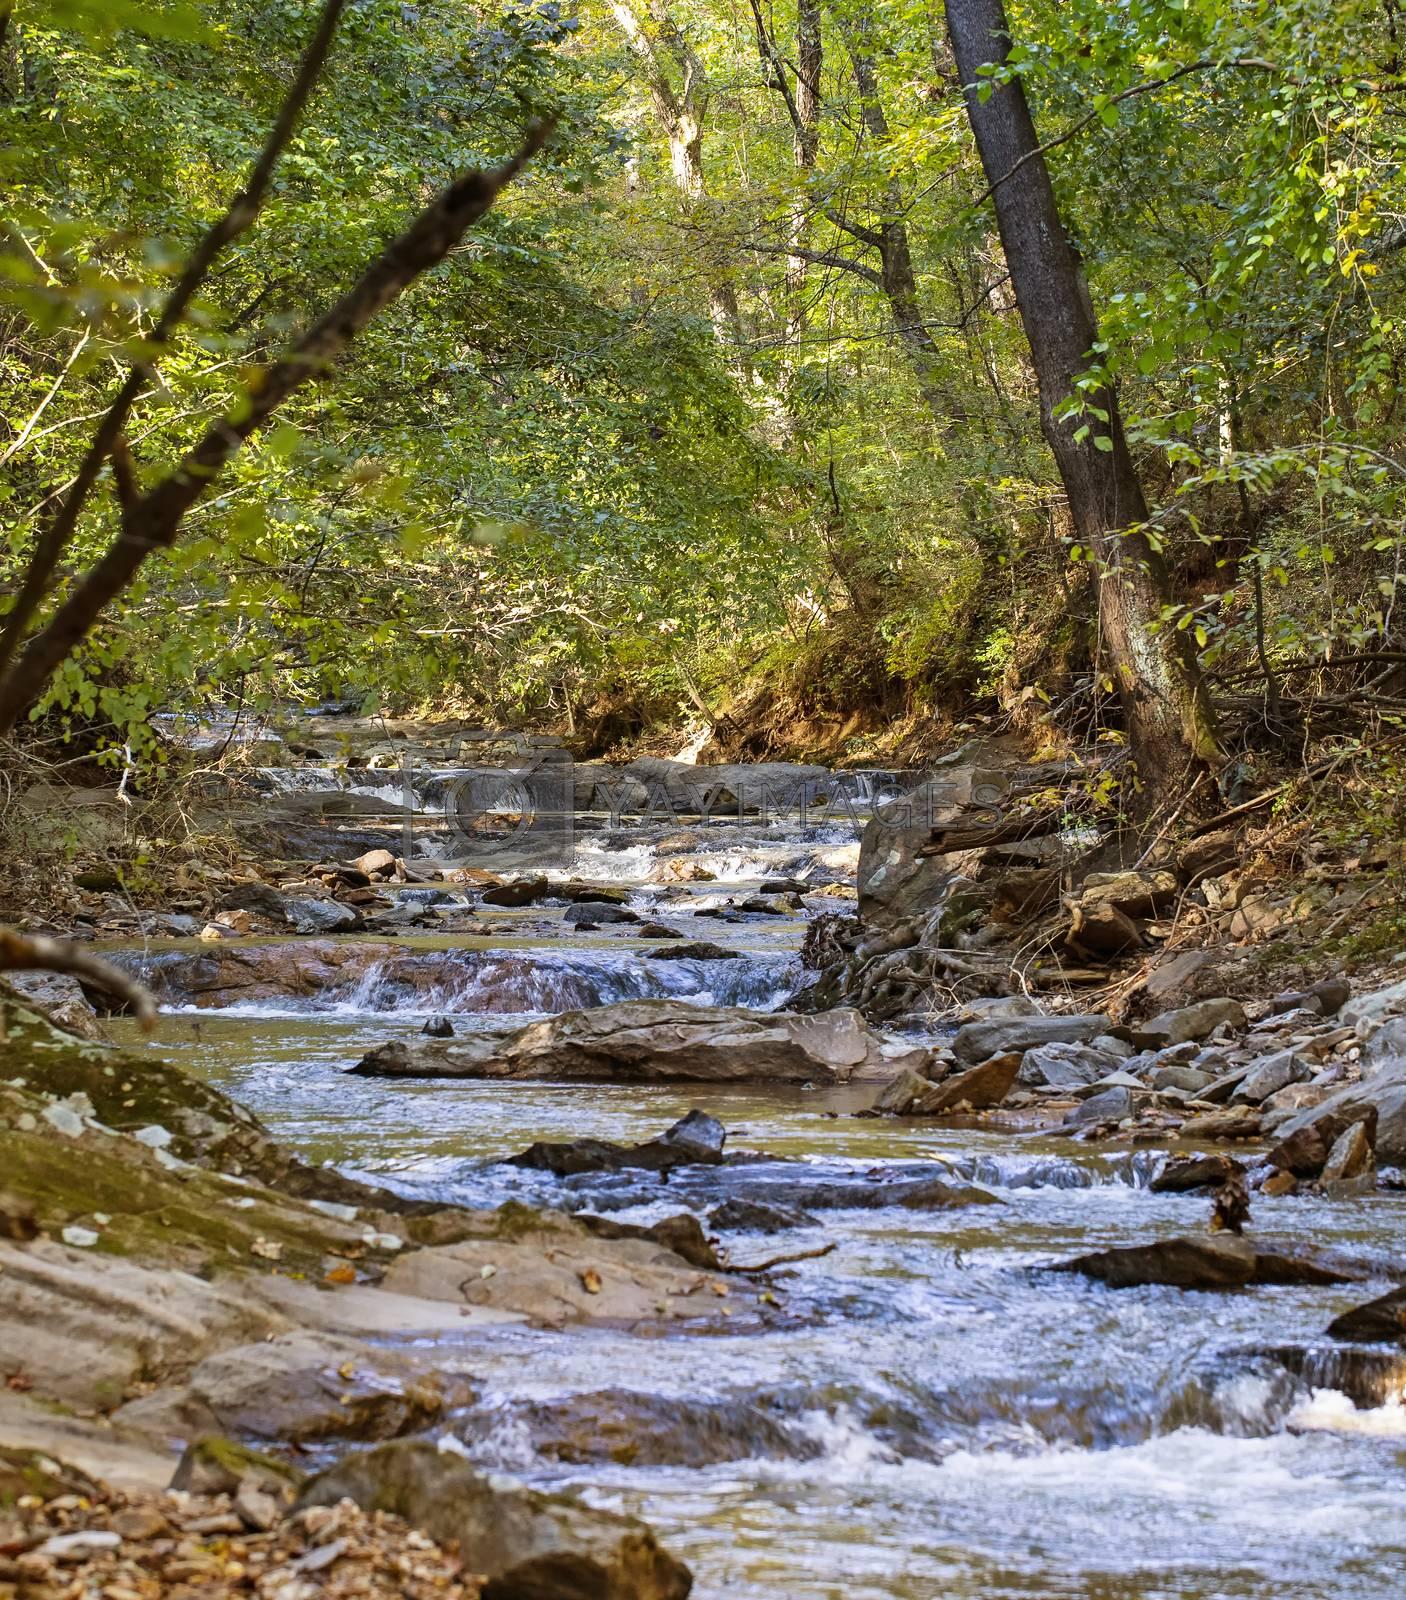 Fish Dam Creek Ripples Through Woodlands by Charlie Floyd